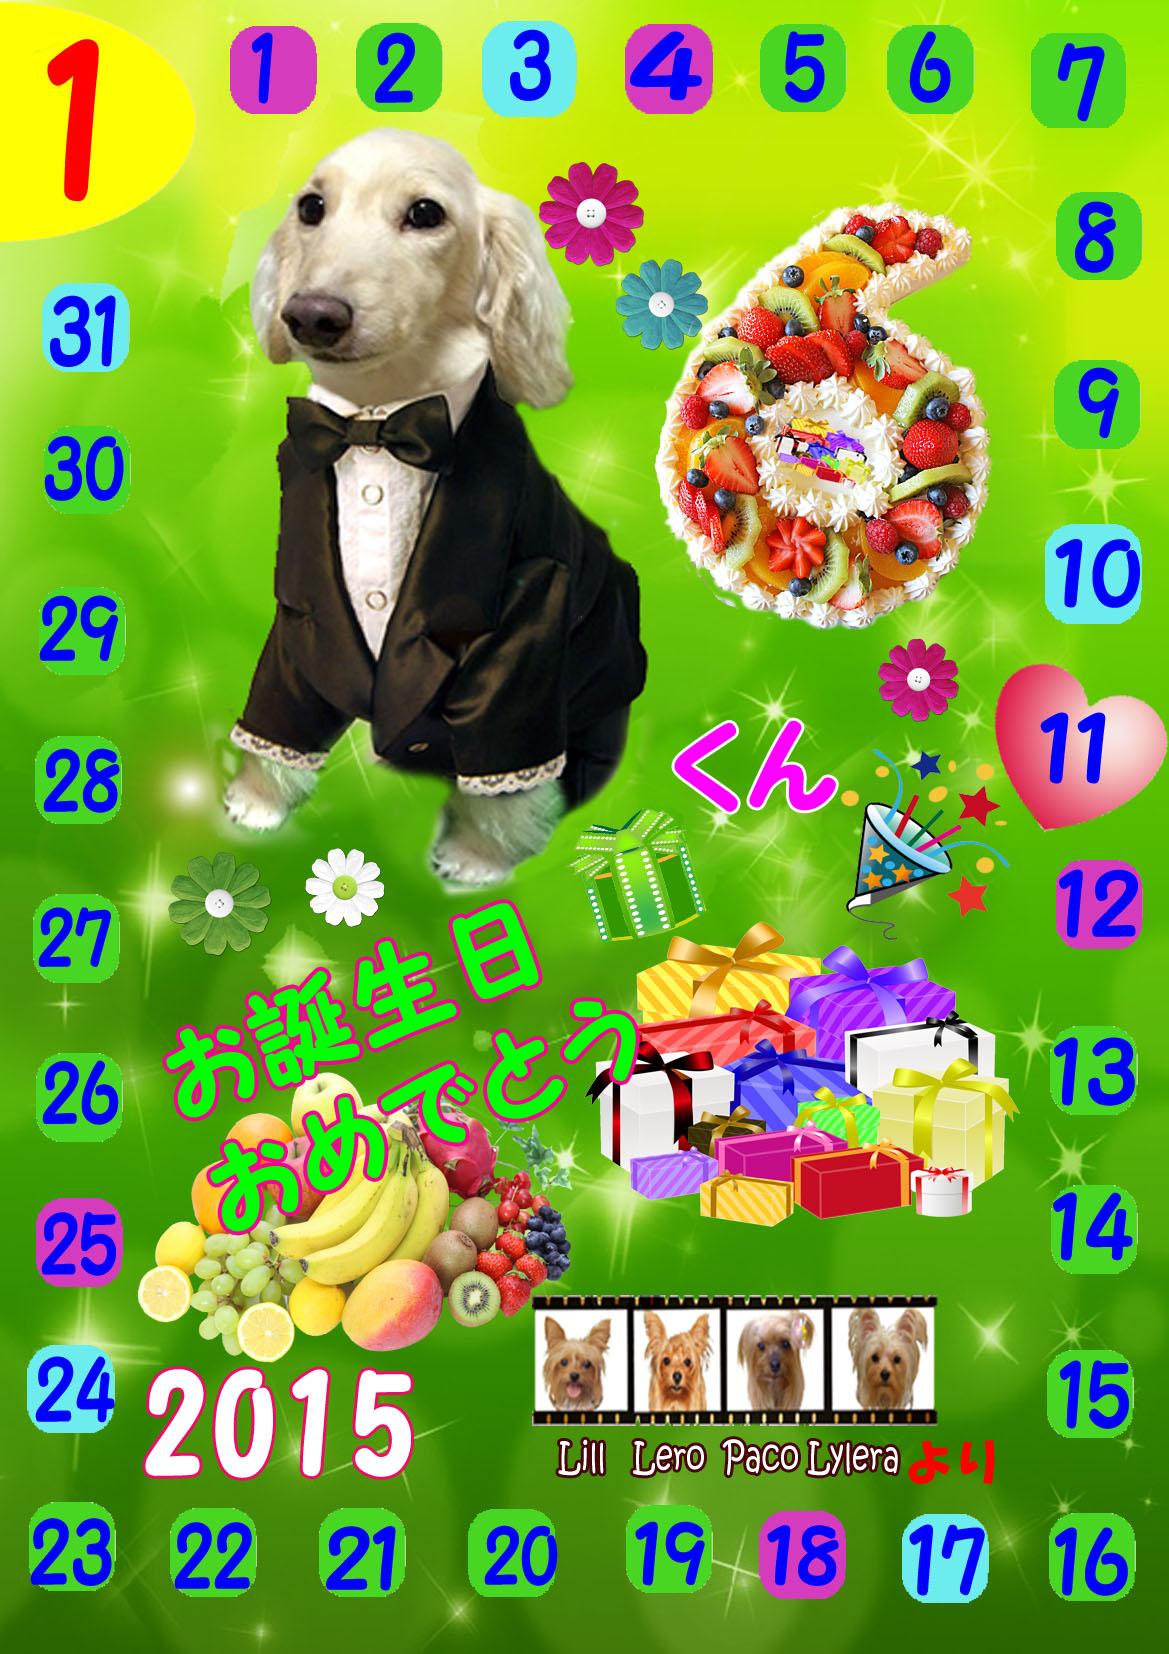 2015-01-11小春くん(peaceエミさん)6歳お誕生日カード